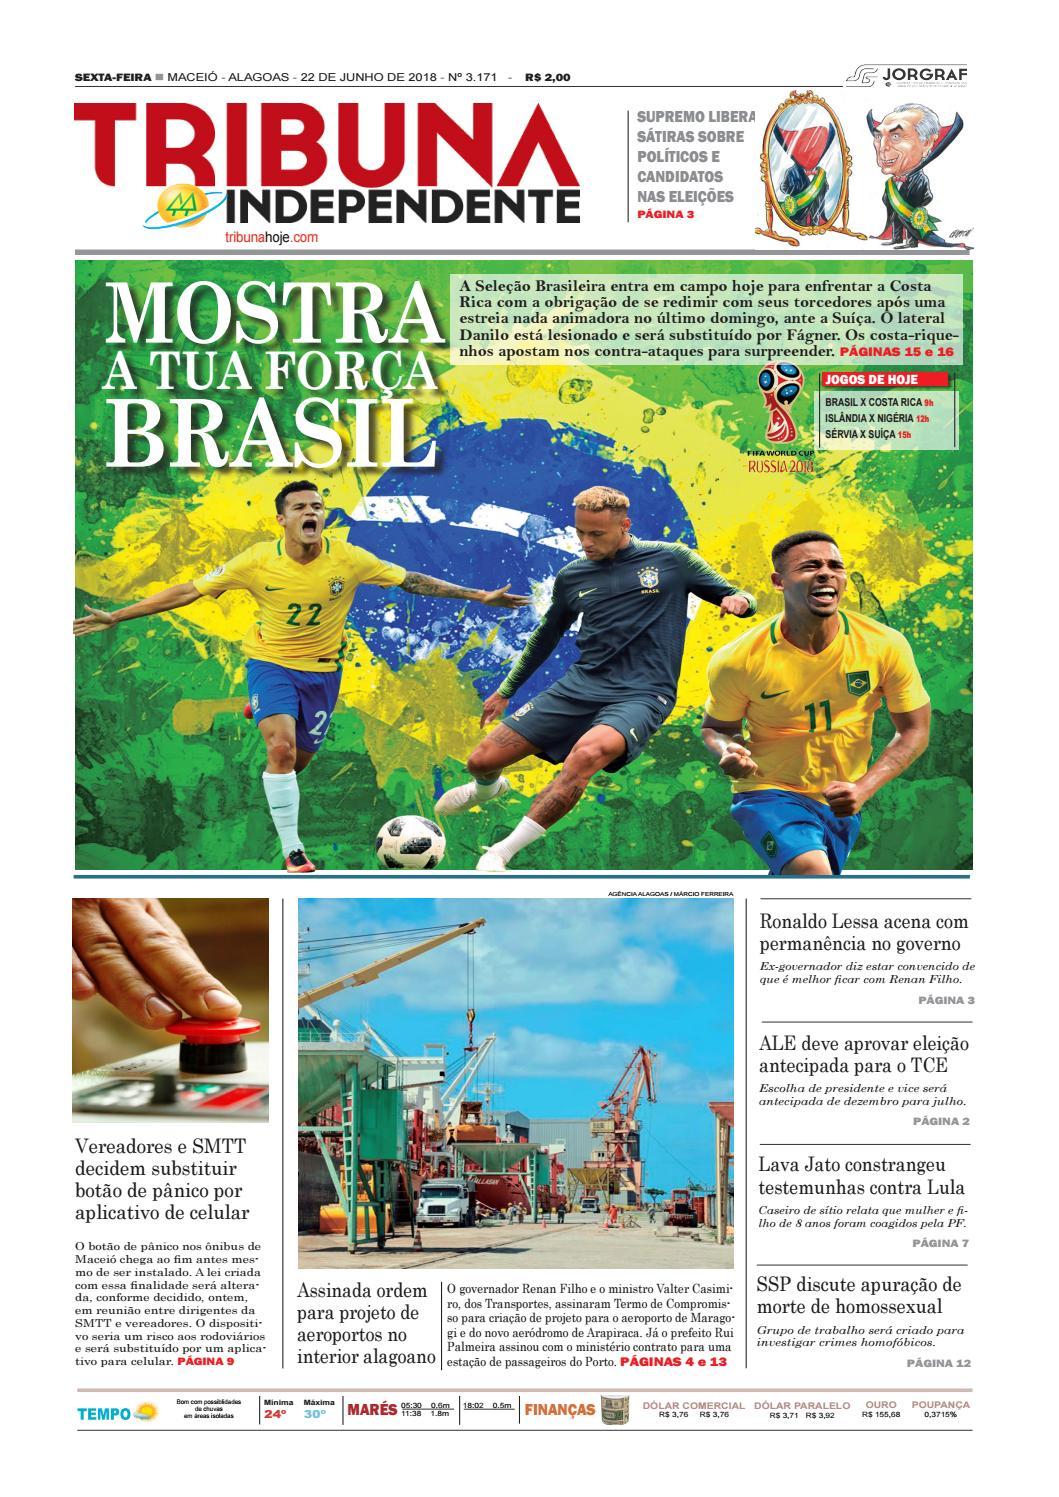 92283ae61 Edição número 3171 - 22 de junho de 2018 by Tribuna Hoje - issuu